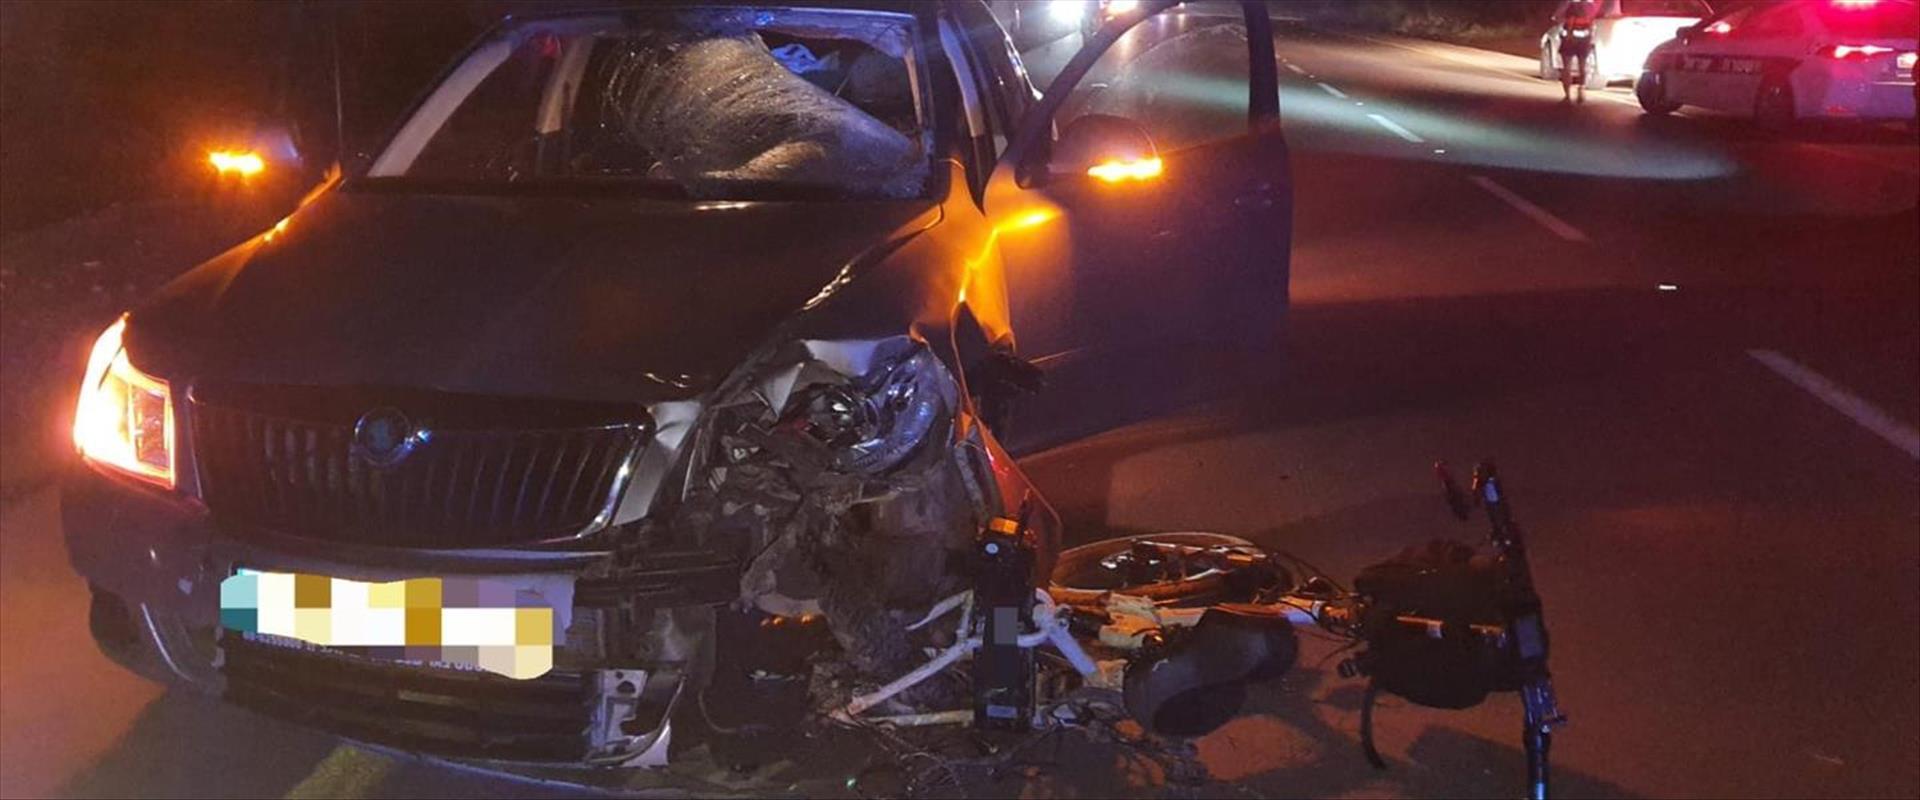 זירת התאונה בכביש 241 בדרום